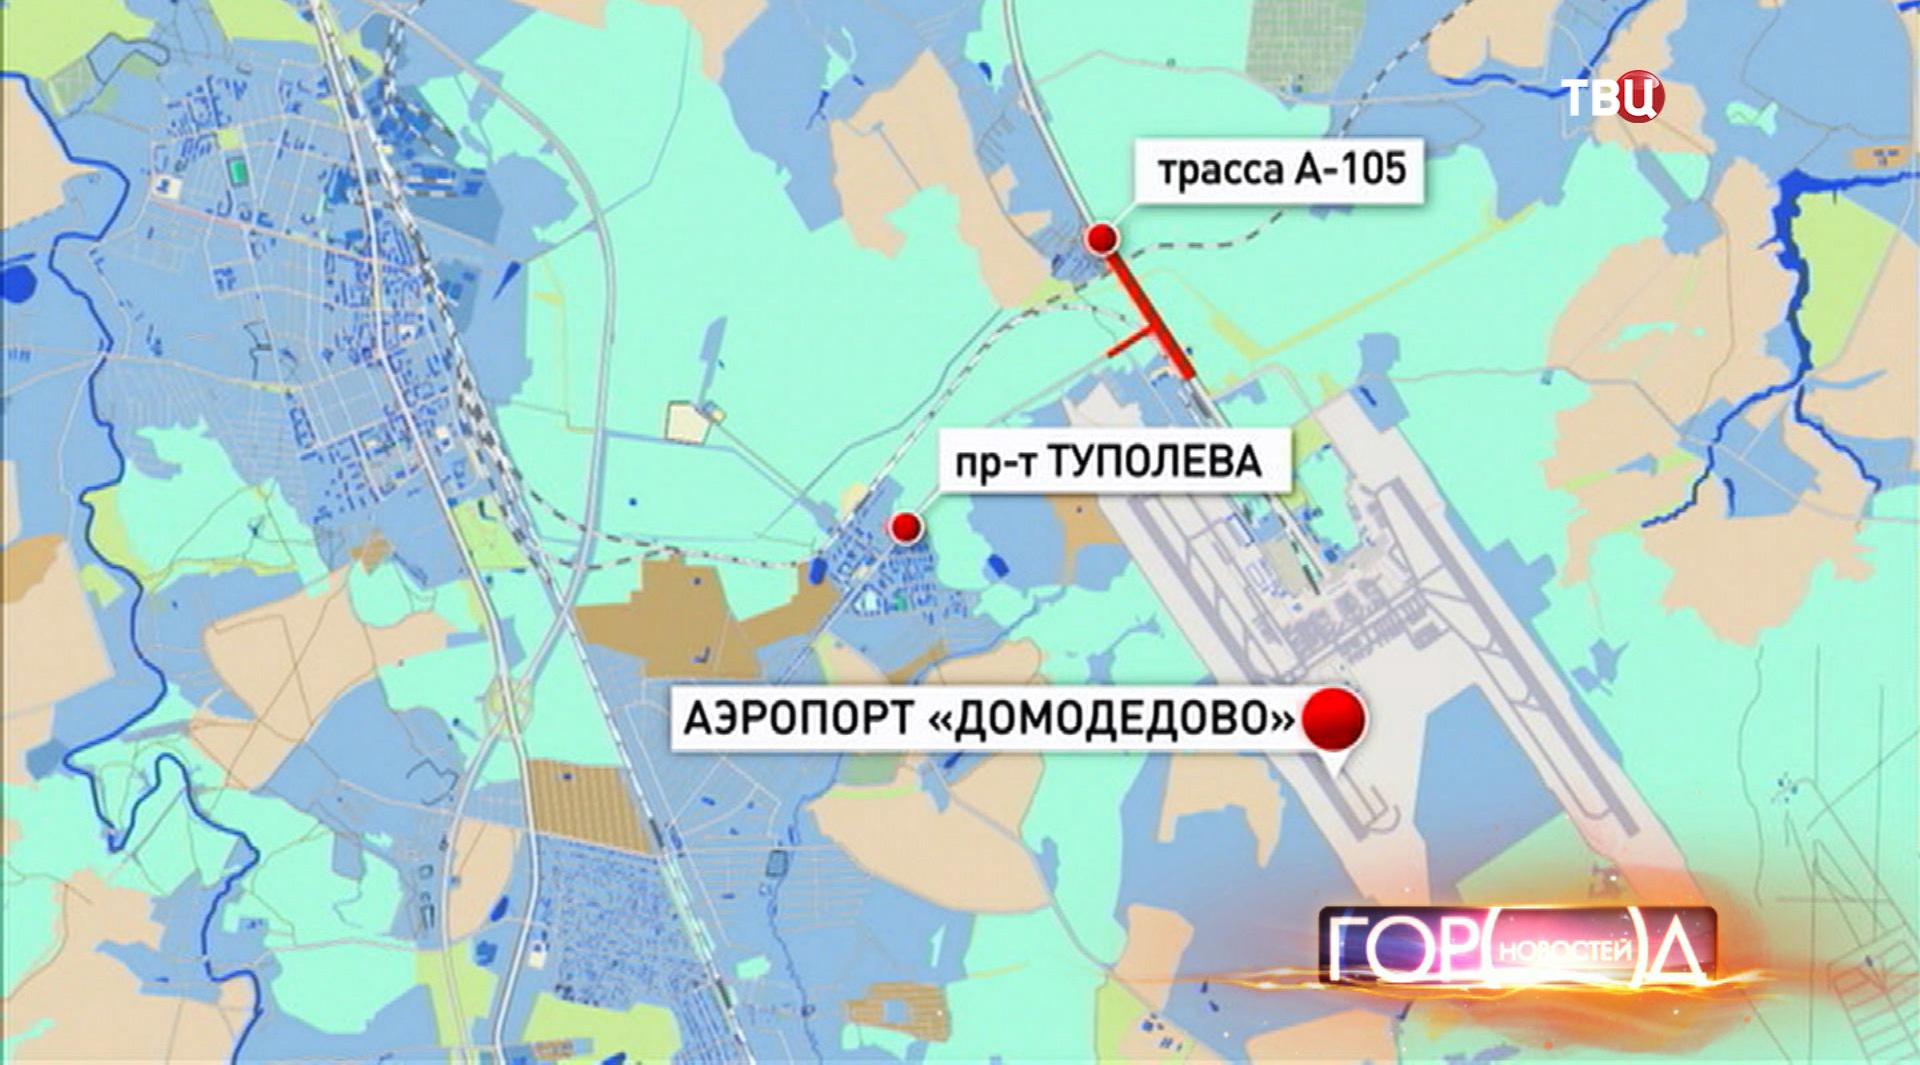 Участок трассы на карте